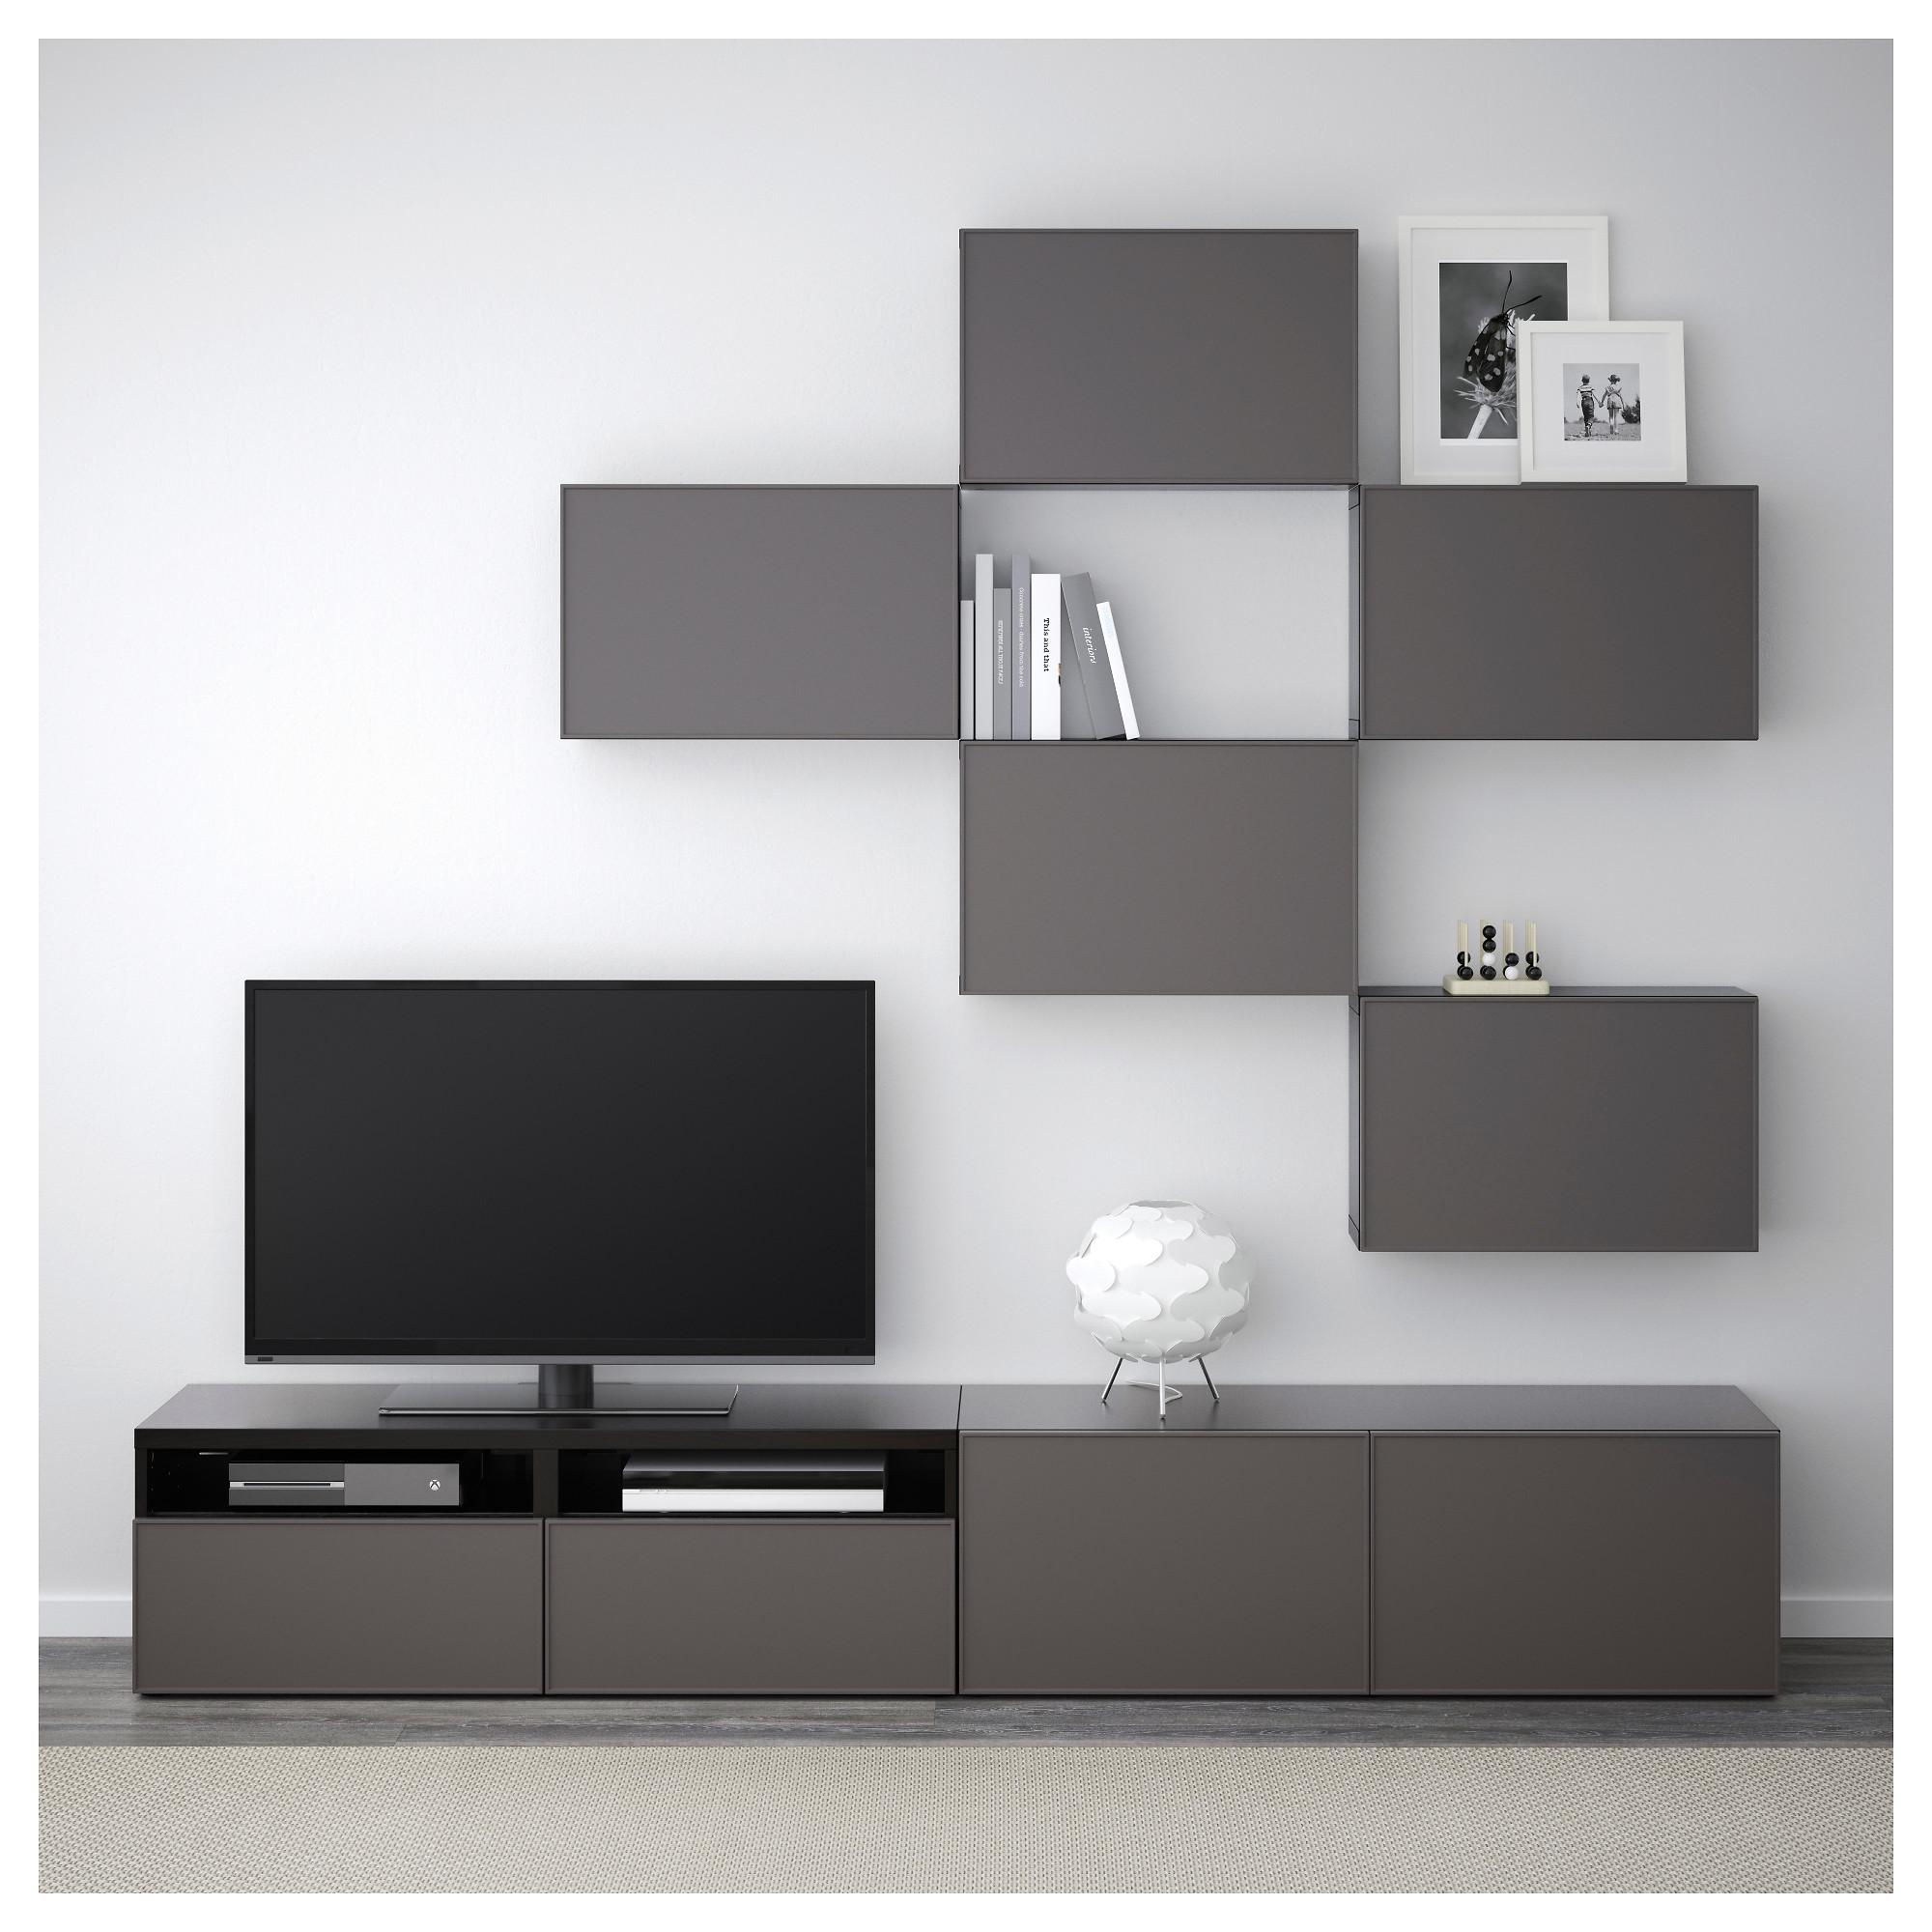 Шкаф для ТВ, комбинация БЕСТО темно-серый артикуль № 492.516.43 в наличии. Онлайн сайт IKEA Республика Беларусь. Быстрая доставка и установка.